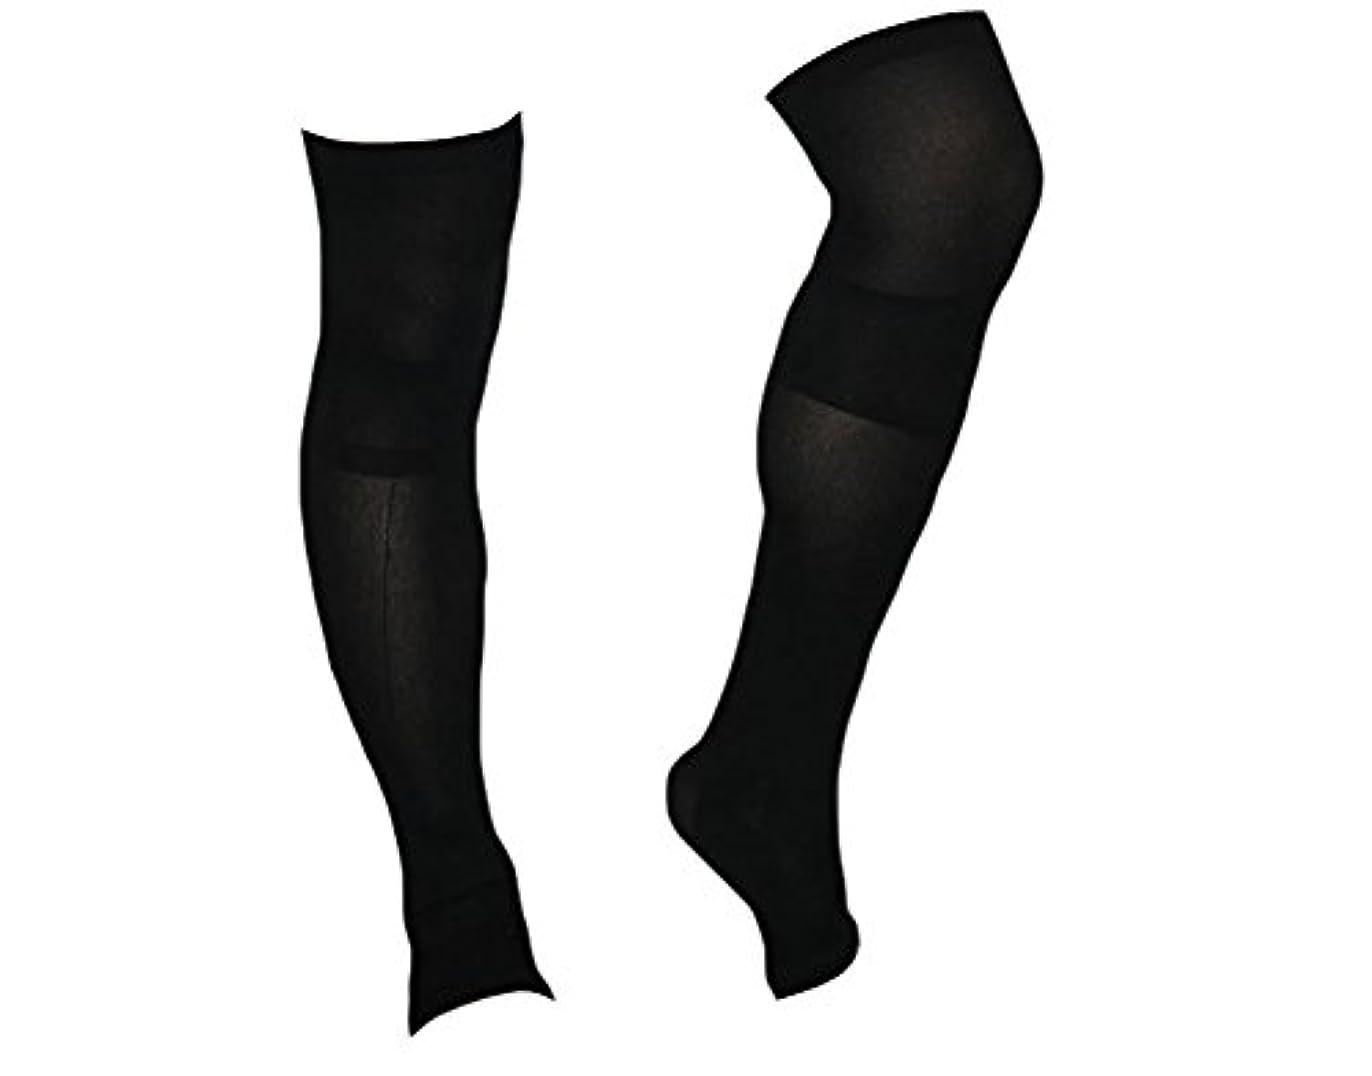 交じるリング現在着圧ソックス スパルタックス メンズ 加圧 ソックス 靴下 男性用 (ひざ上丈)